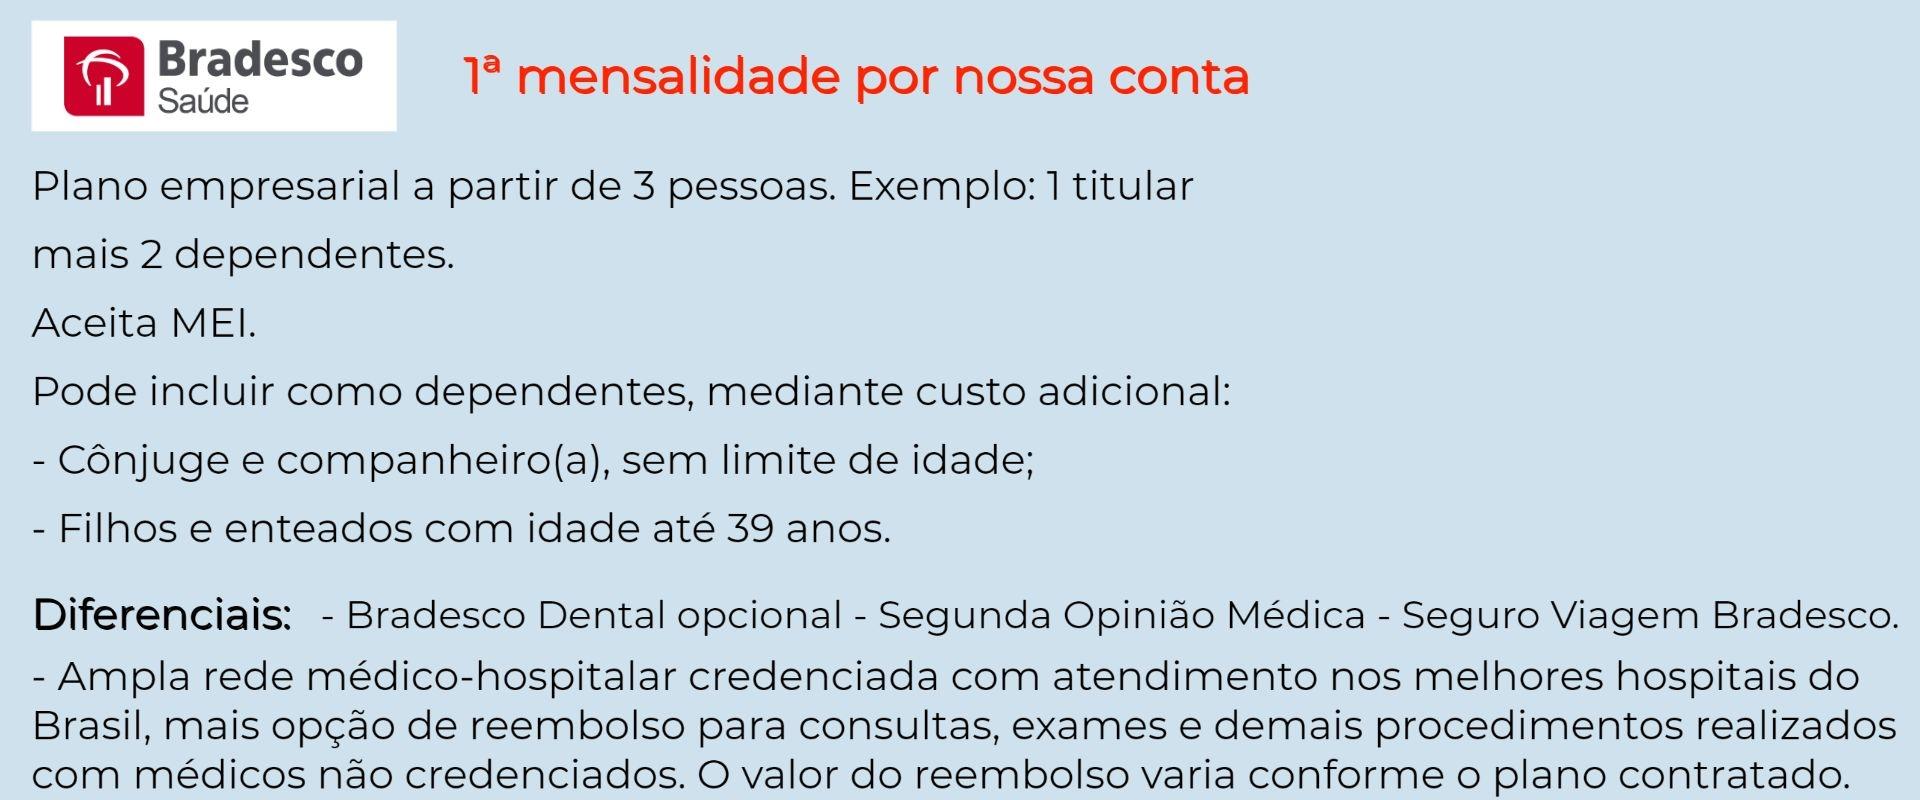 Bradesco Saúde Empresarial - Duque de Caxias